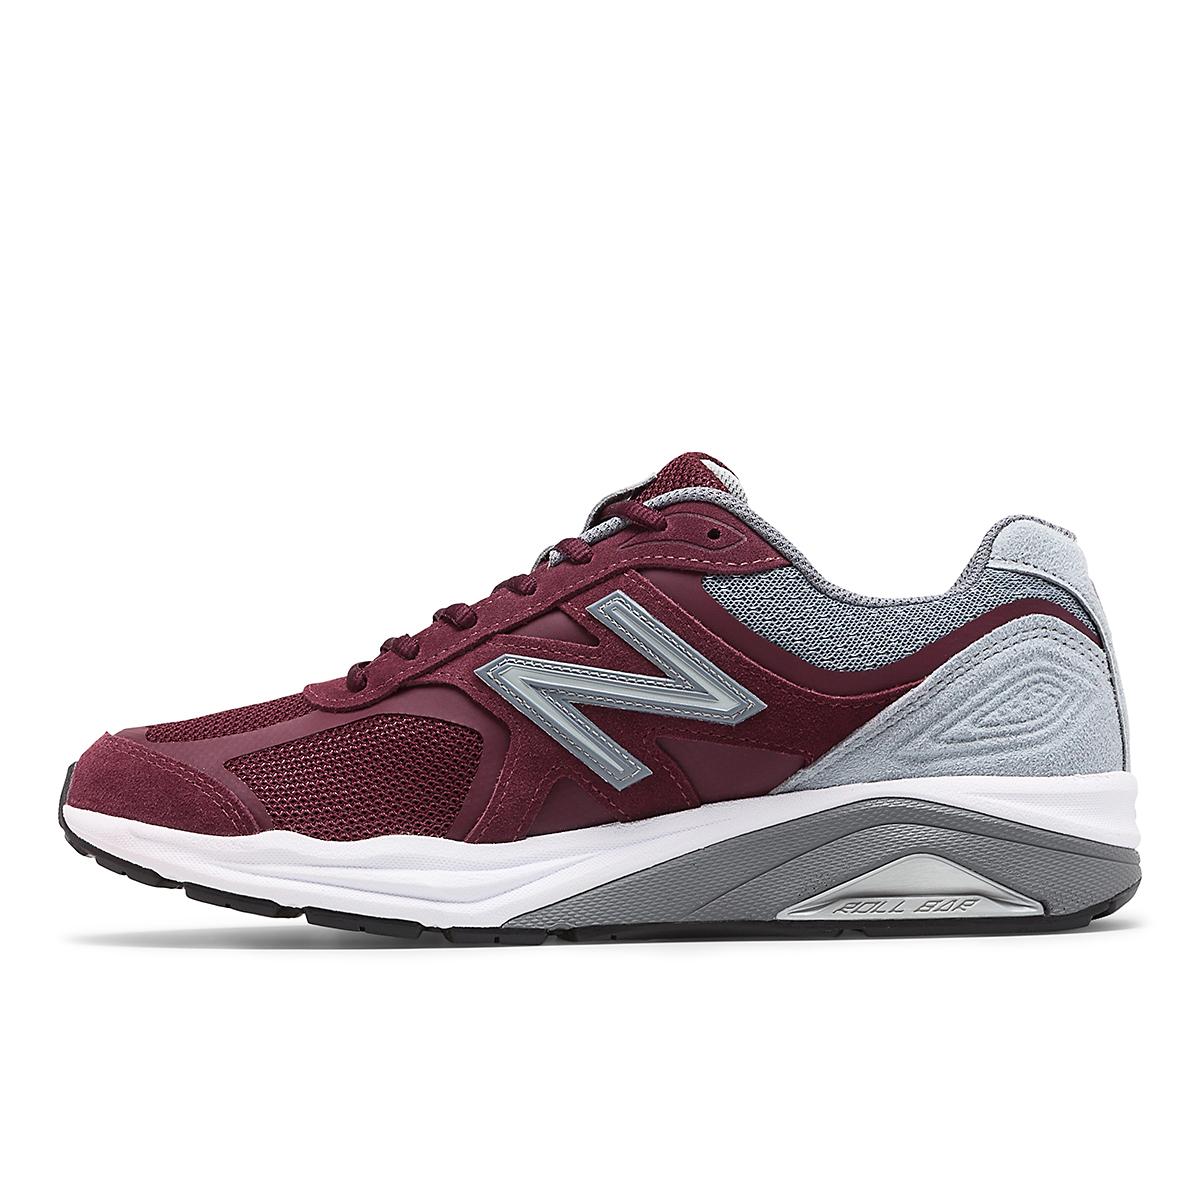 Men's New Balance 1540V3 Walking Shoe - Color: Burgundy - Size: 7 - Width: Wide, Burgundy, large, image 2